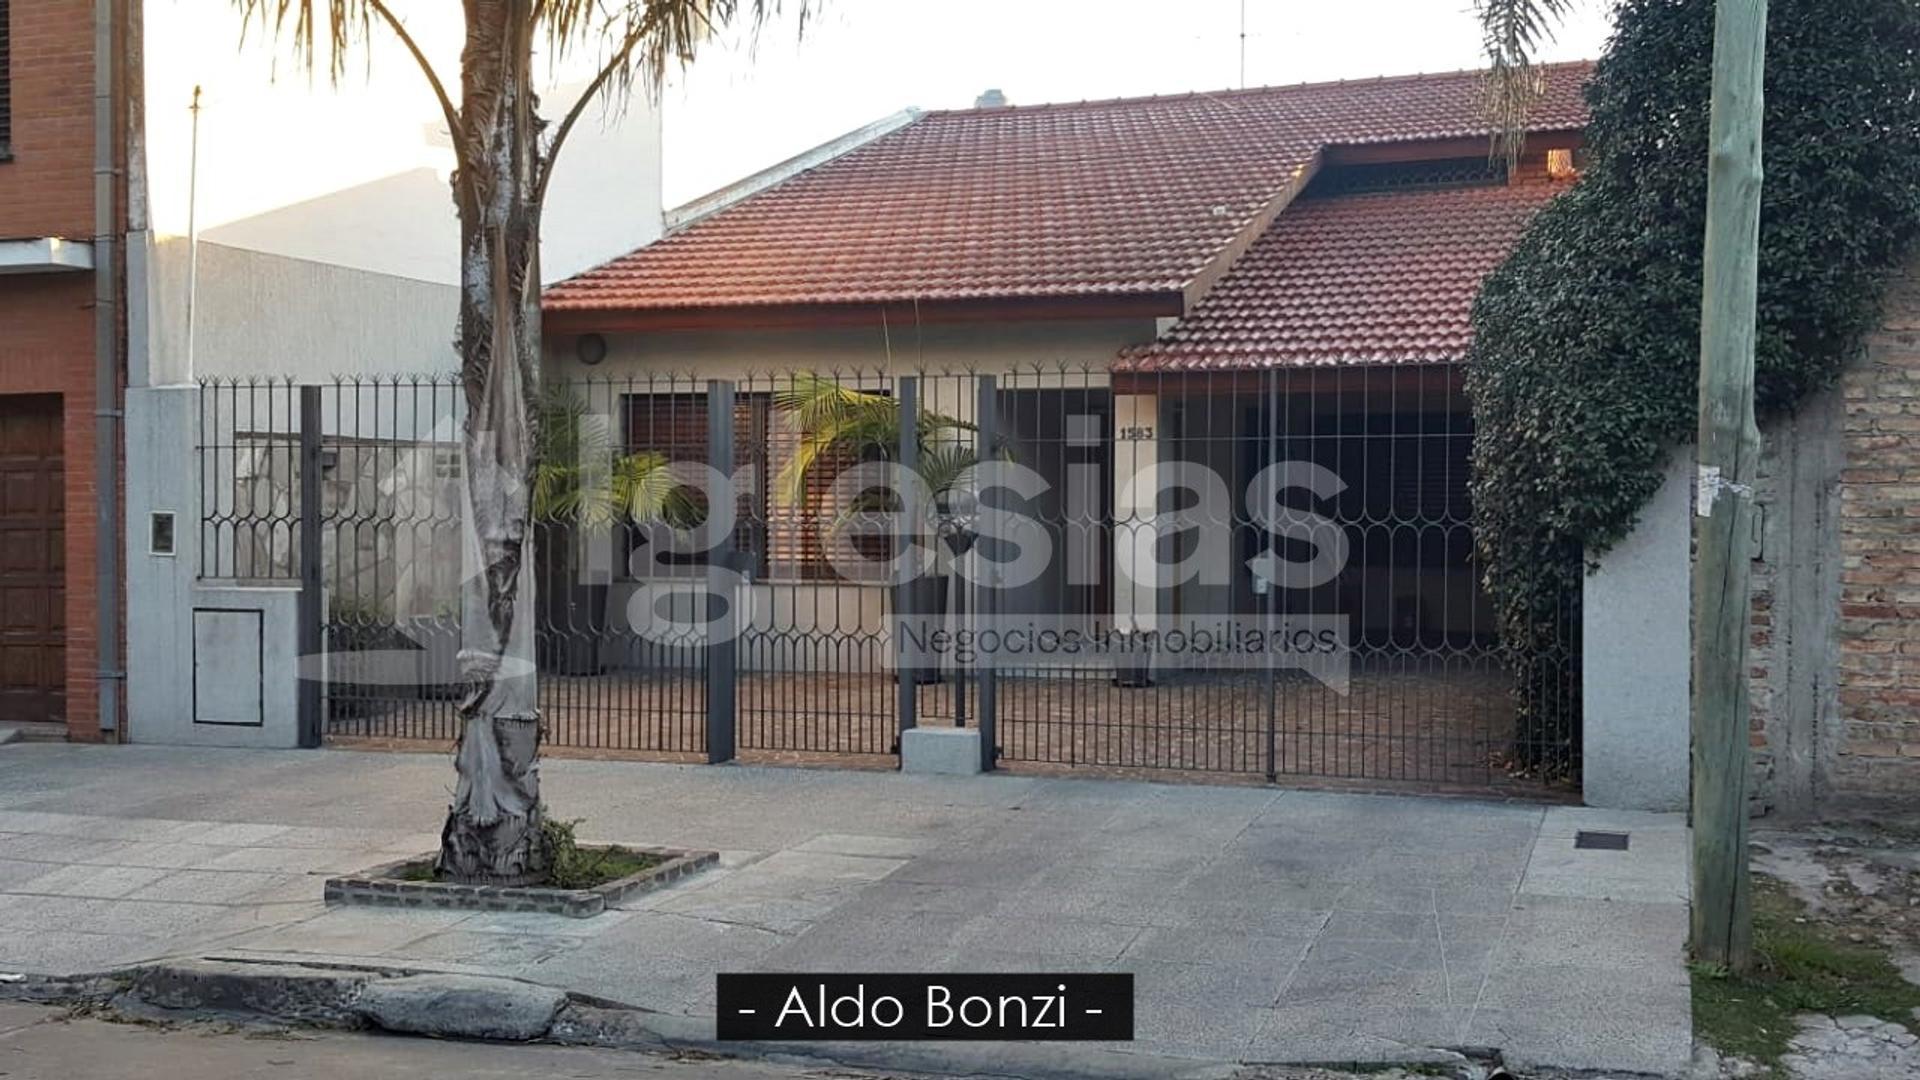 Casa en Venta en Aldo Bonzi - 5 ambientes